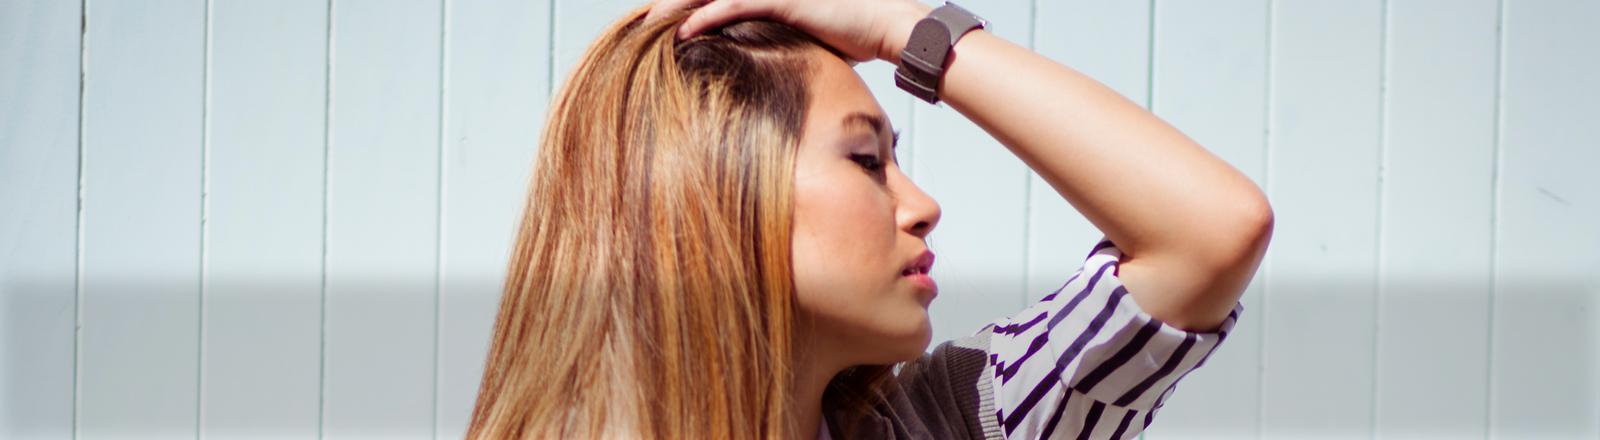 Eine Frau steht im Profil da und streicht sich die Haare aus dem Gesicht.